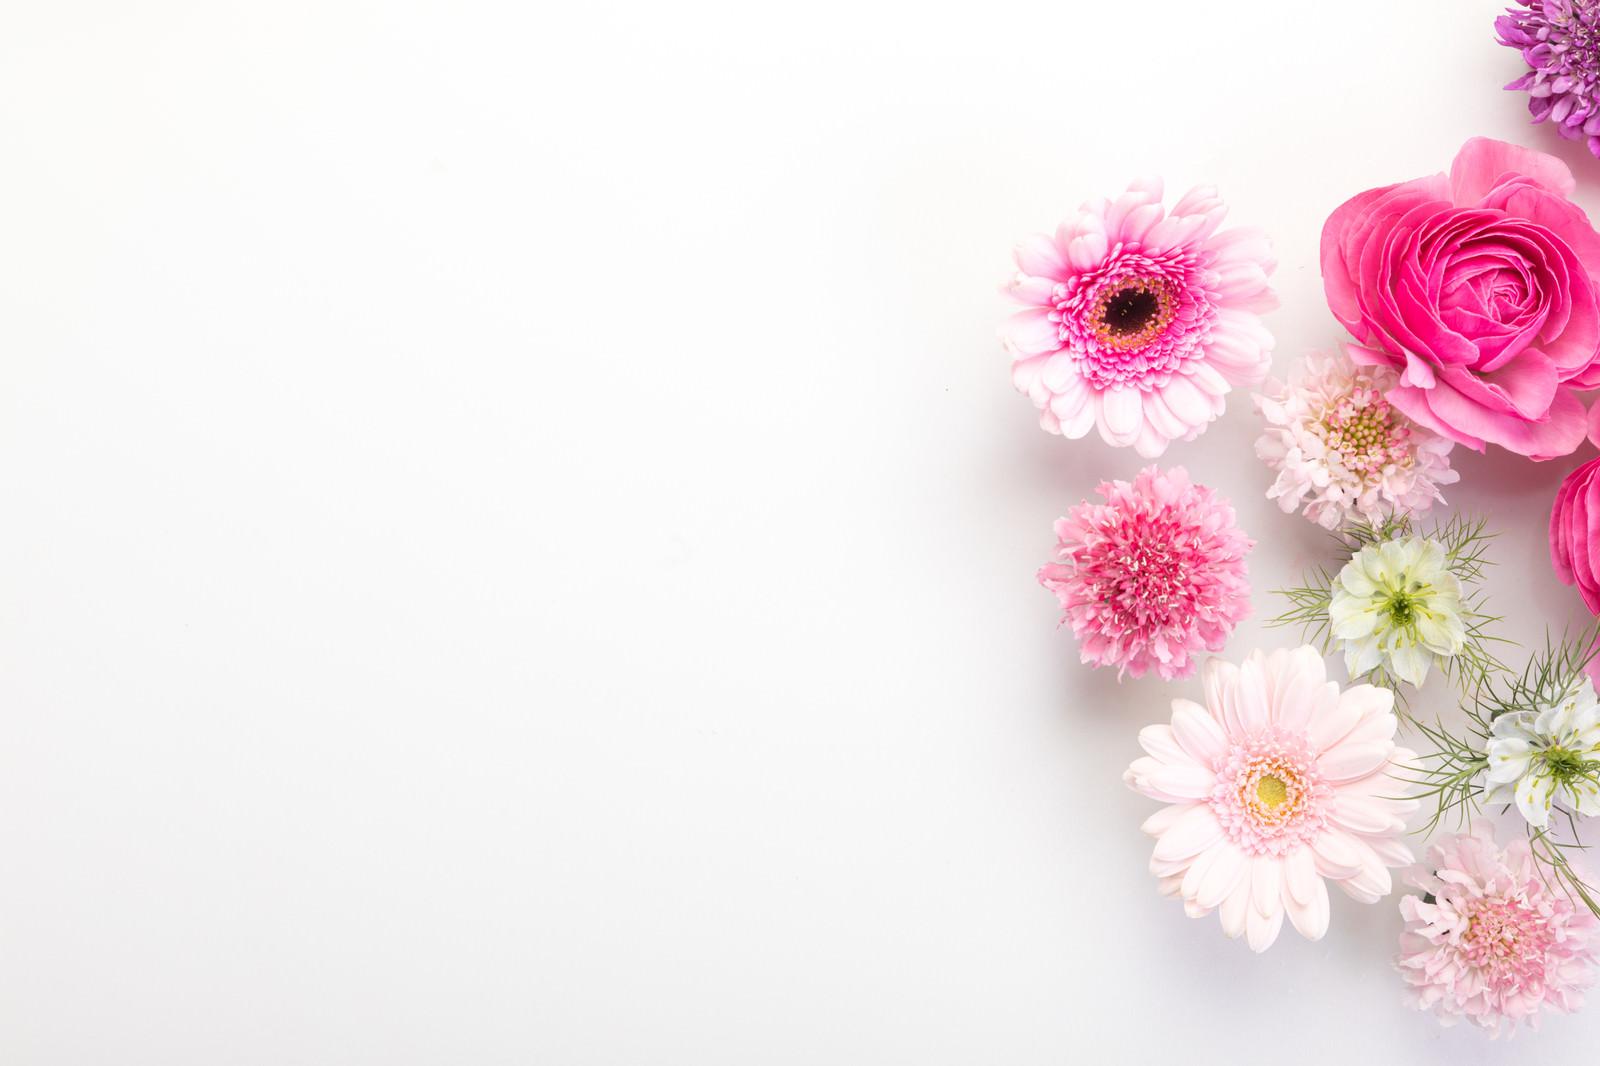 「生花のフレーム」の写真